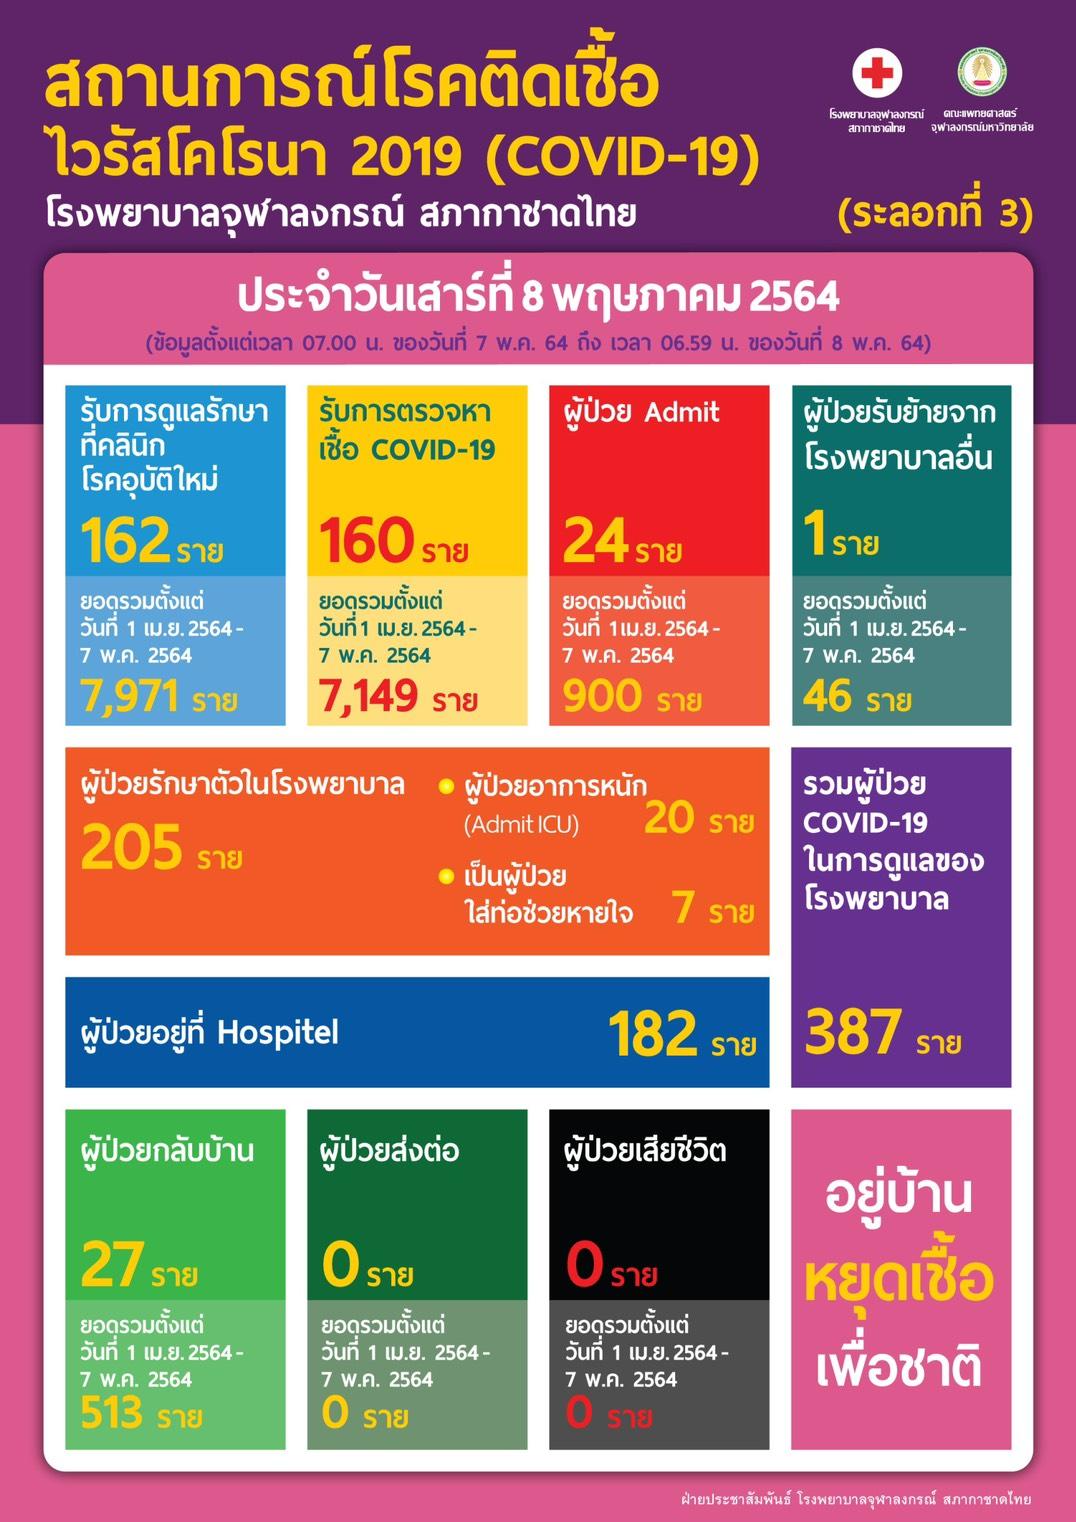 สถานการณ์โรคติดเชื้อไวรัสโคโรนา 2019 (COVID-19)  โรงพยาบาลจุฬาลงกรณ์ สภากาชาดไทย (ระลอกที่ 3) ประจำวันเสาร์ที่ 8 พฤษภาคม 2564